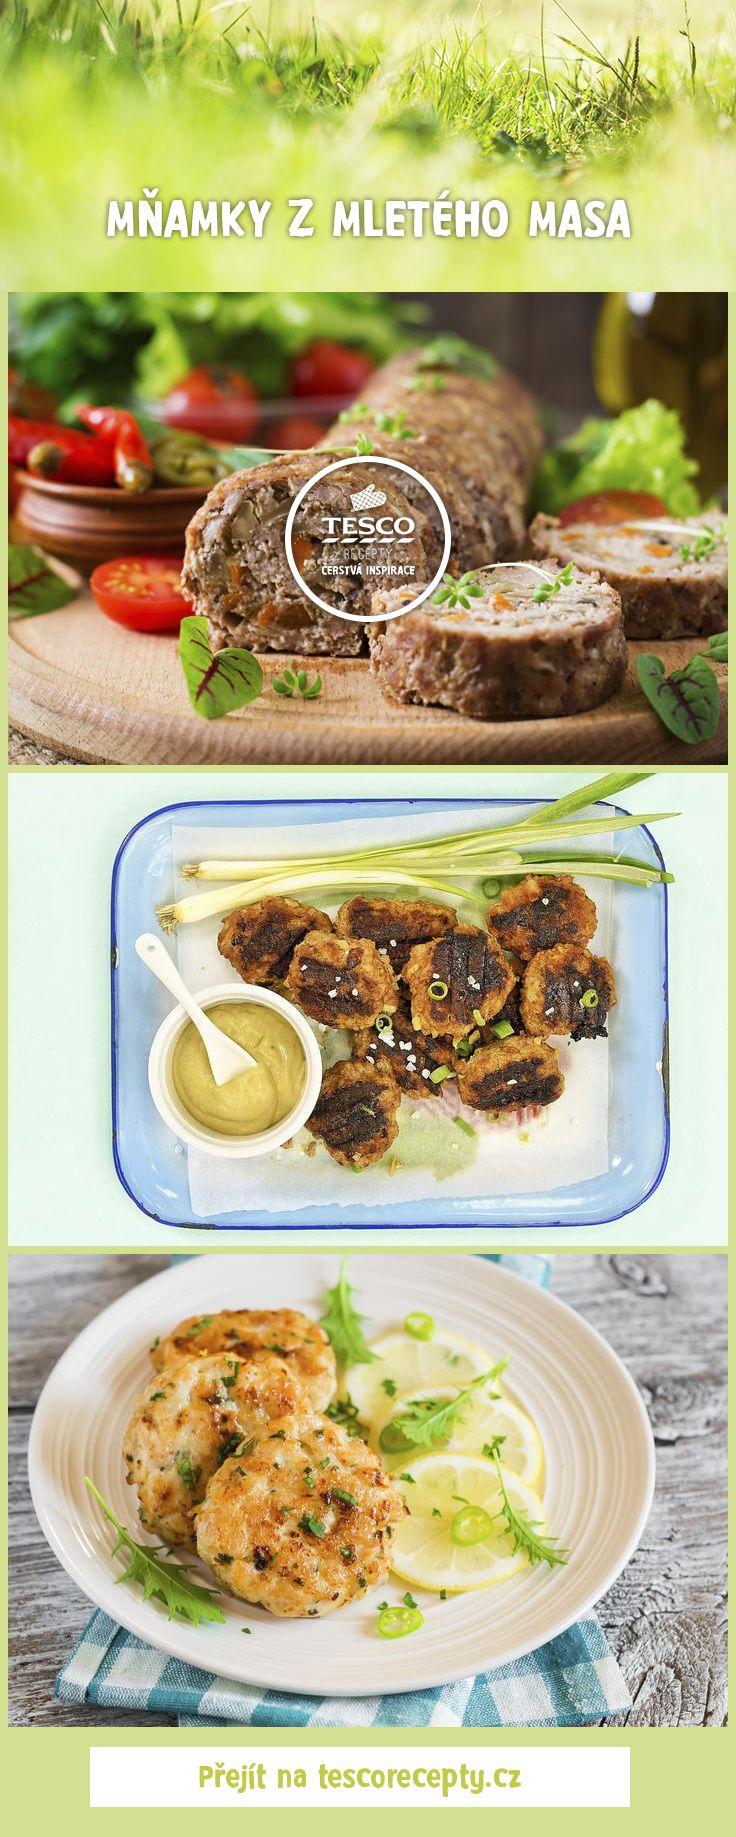 Připravte si výborné jídlo z mletého masa